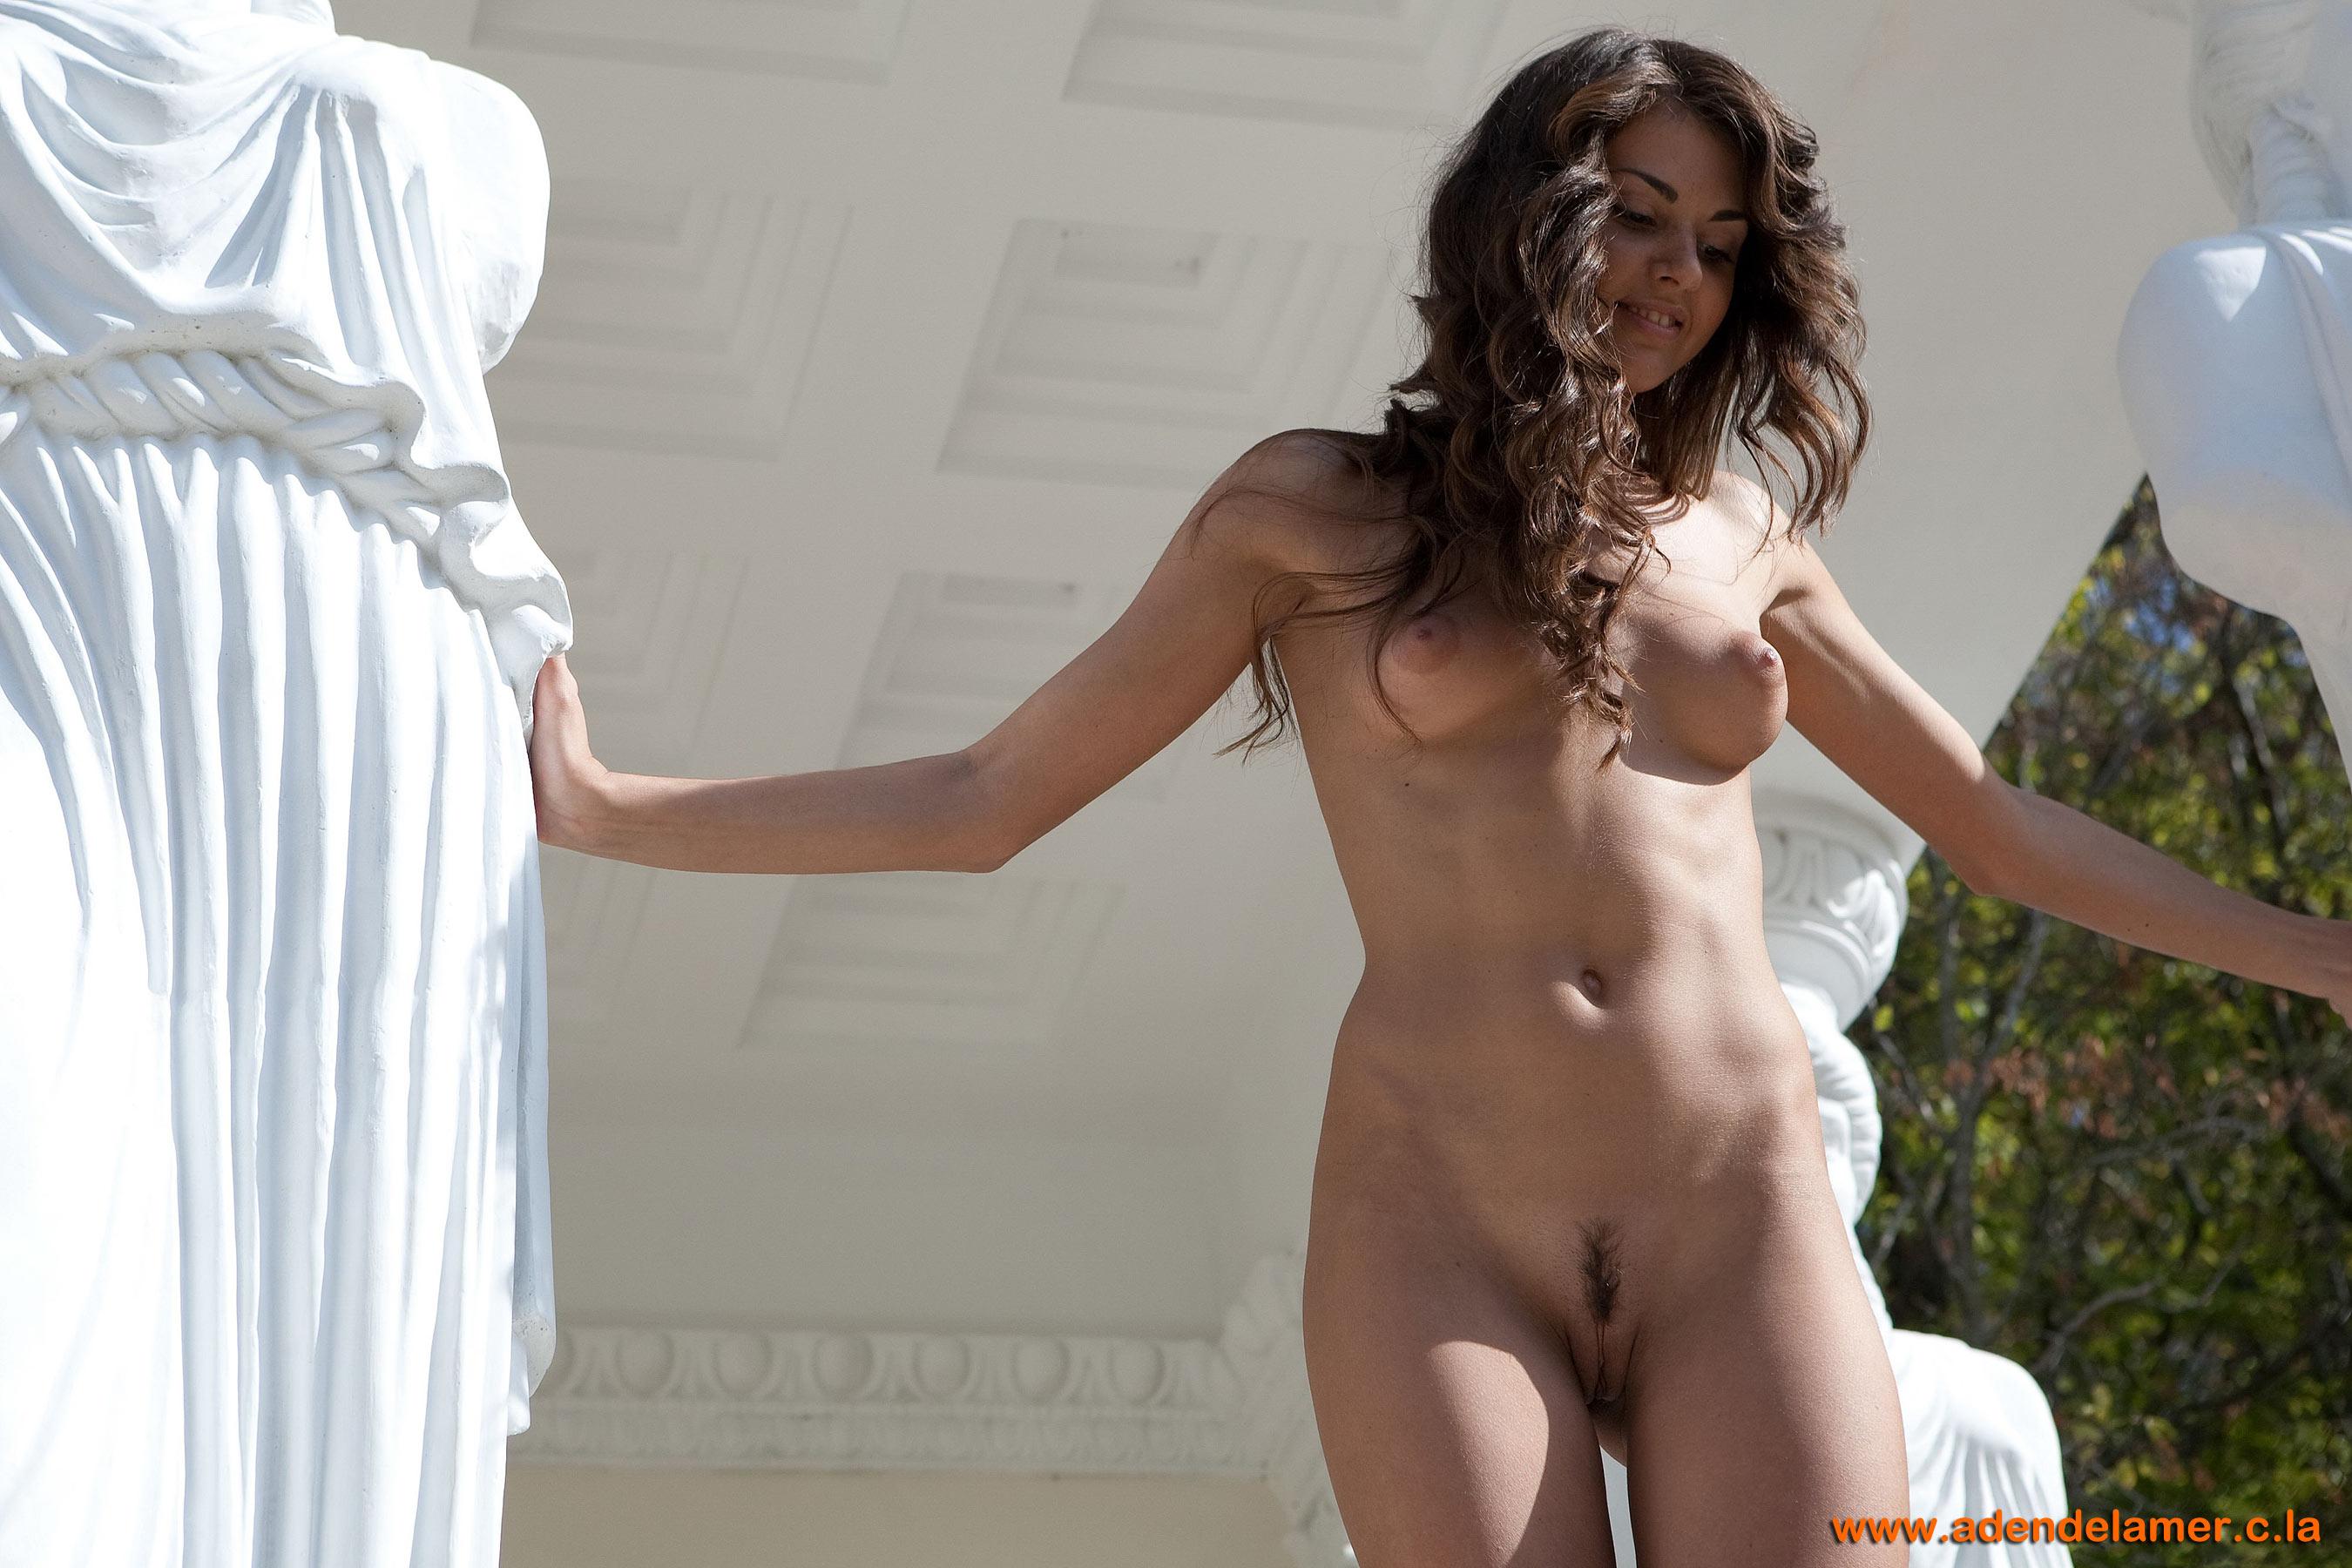 Фото голые девушки на сцене 16 фотография